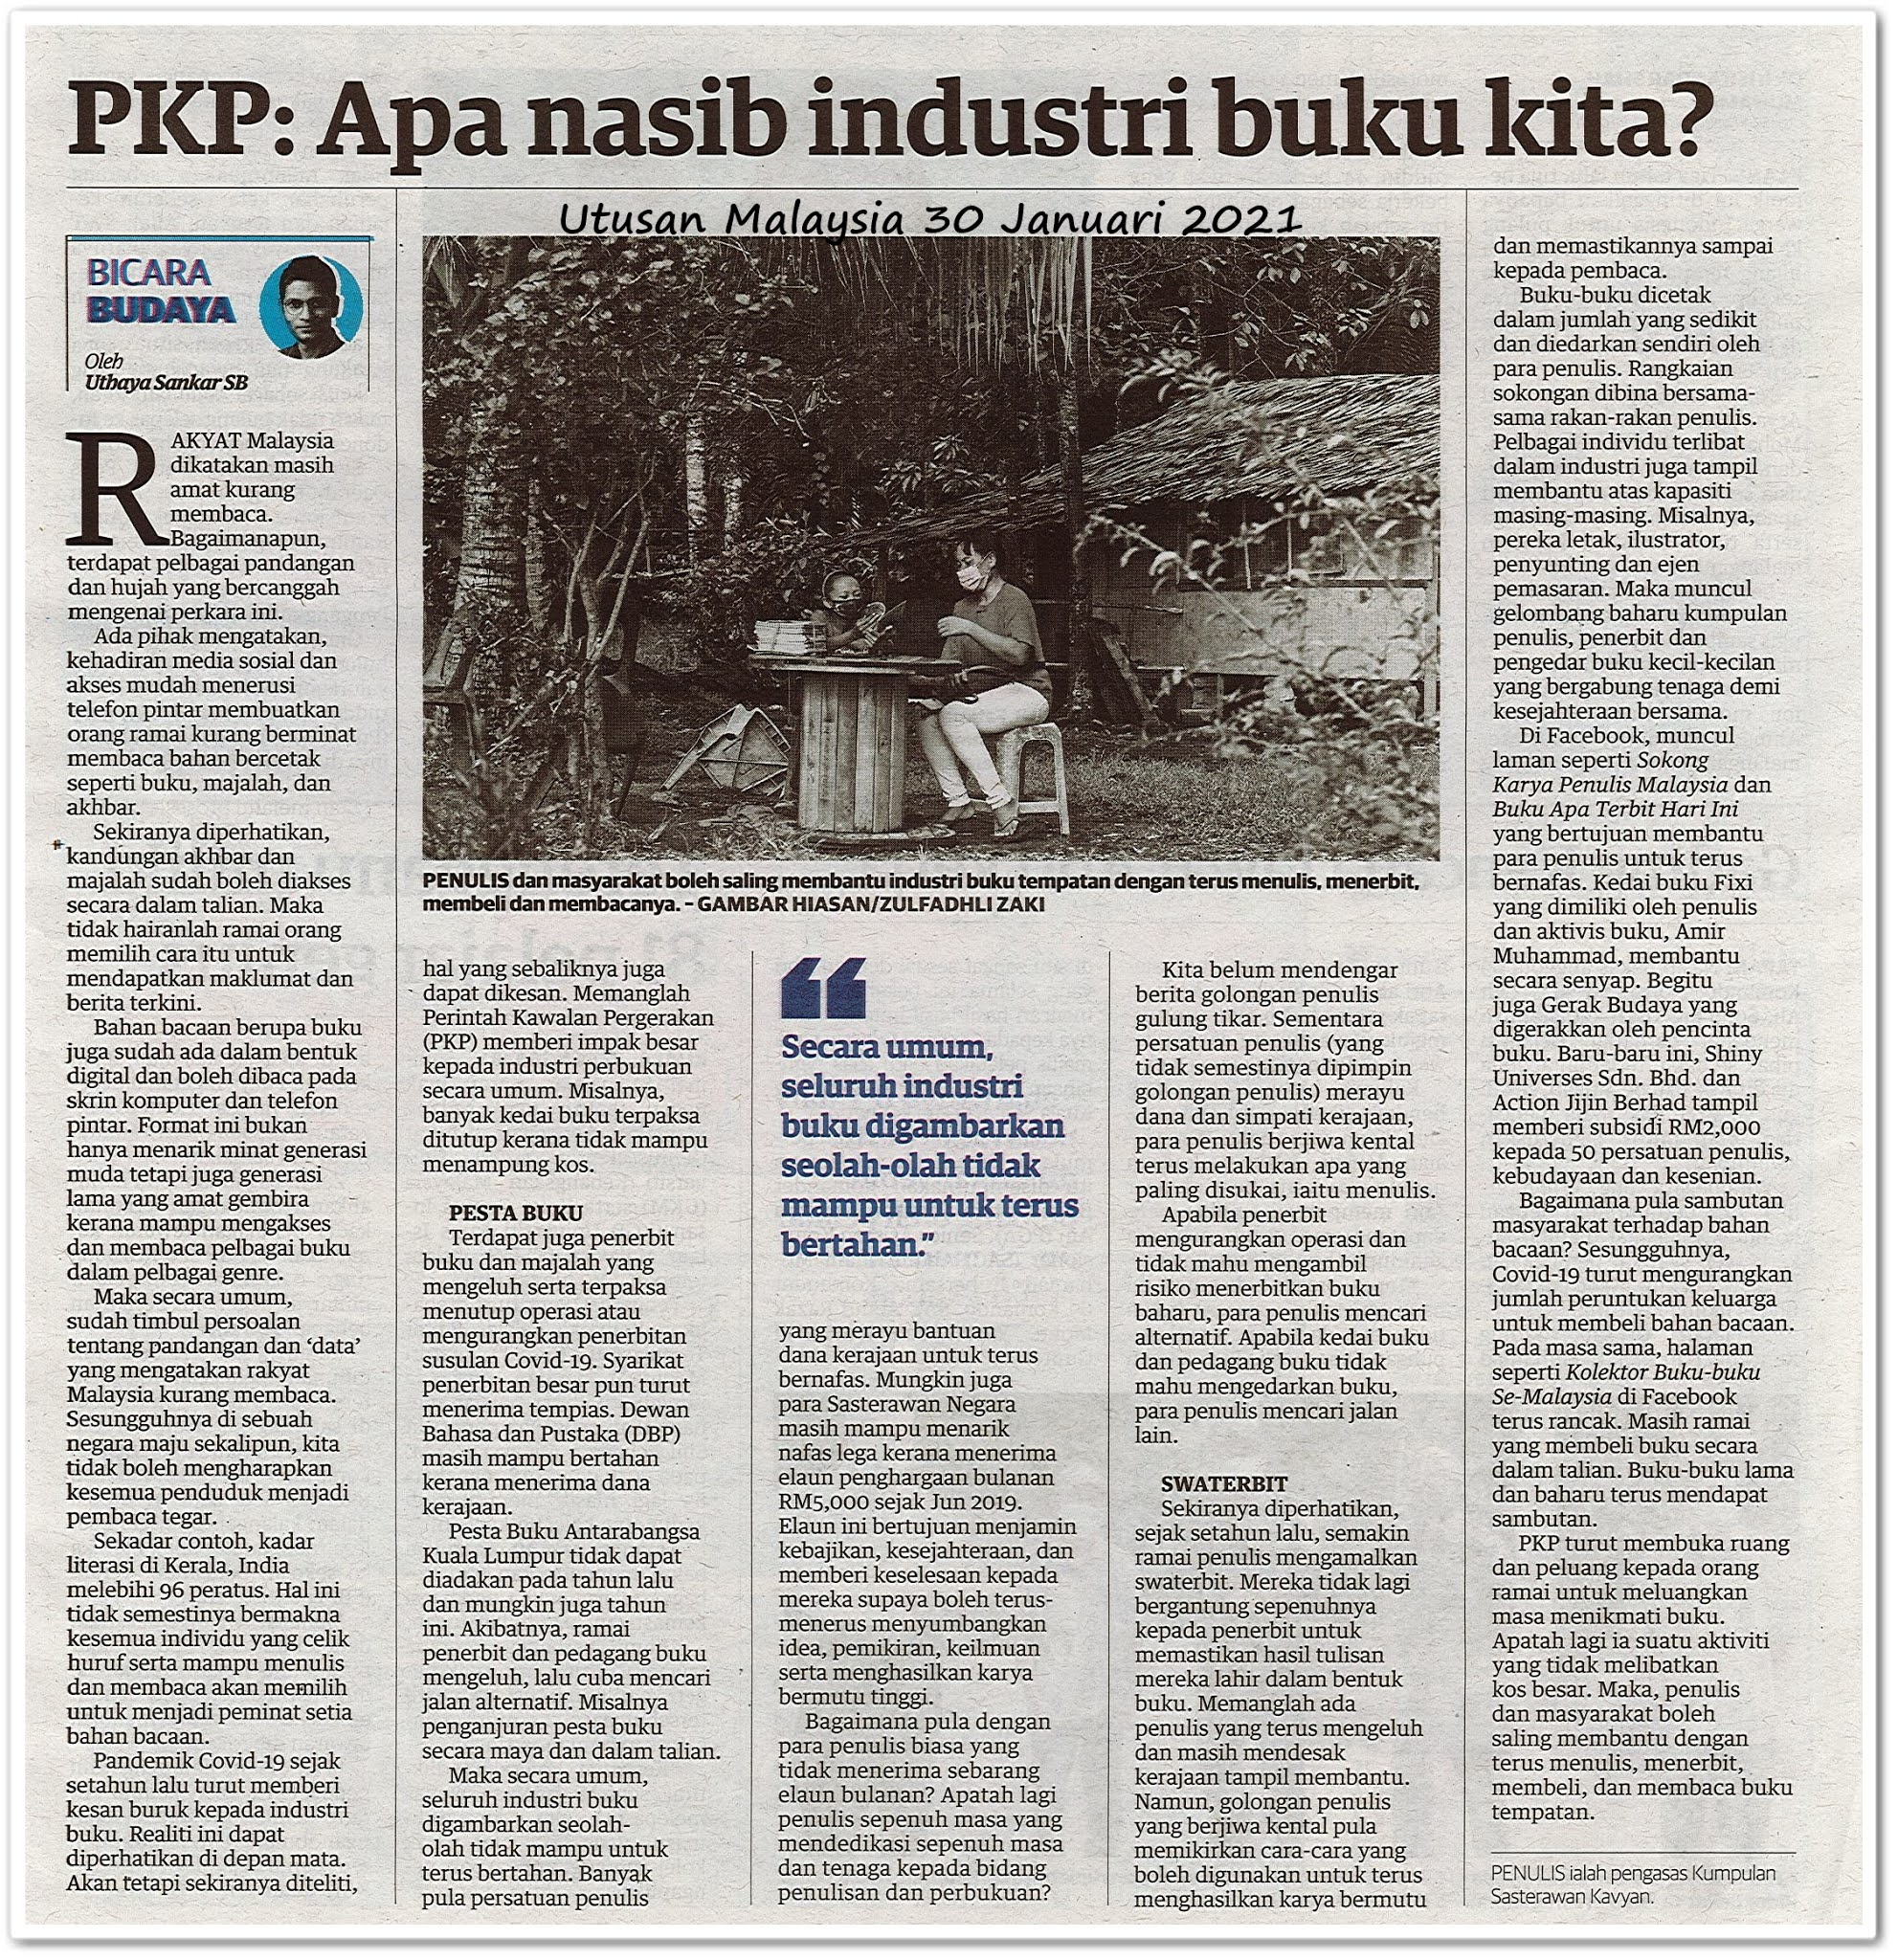 PKP : Apa nasib industri buku kita? - Keratan akhbar Utusan Malaysia 30 Januari 2021